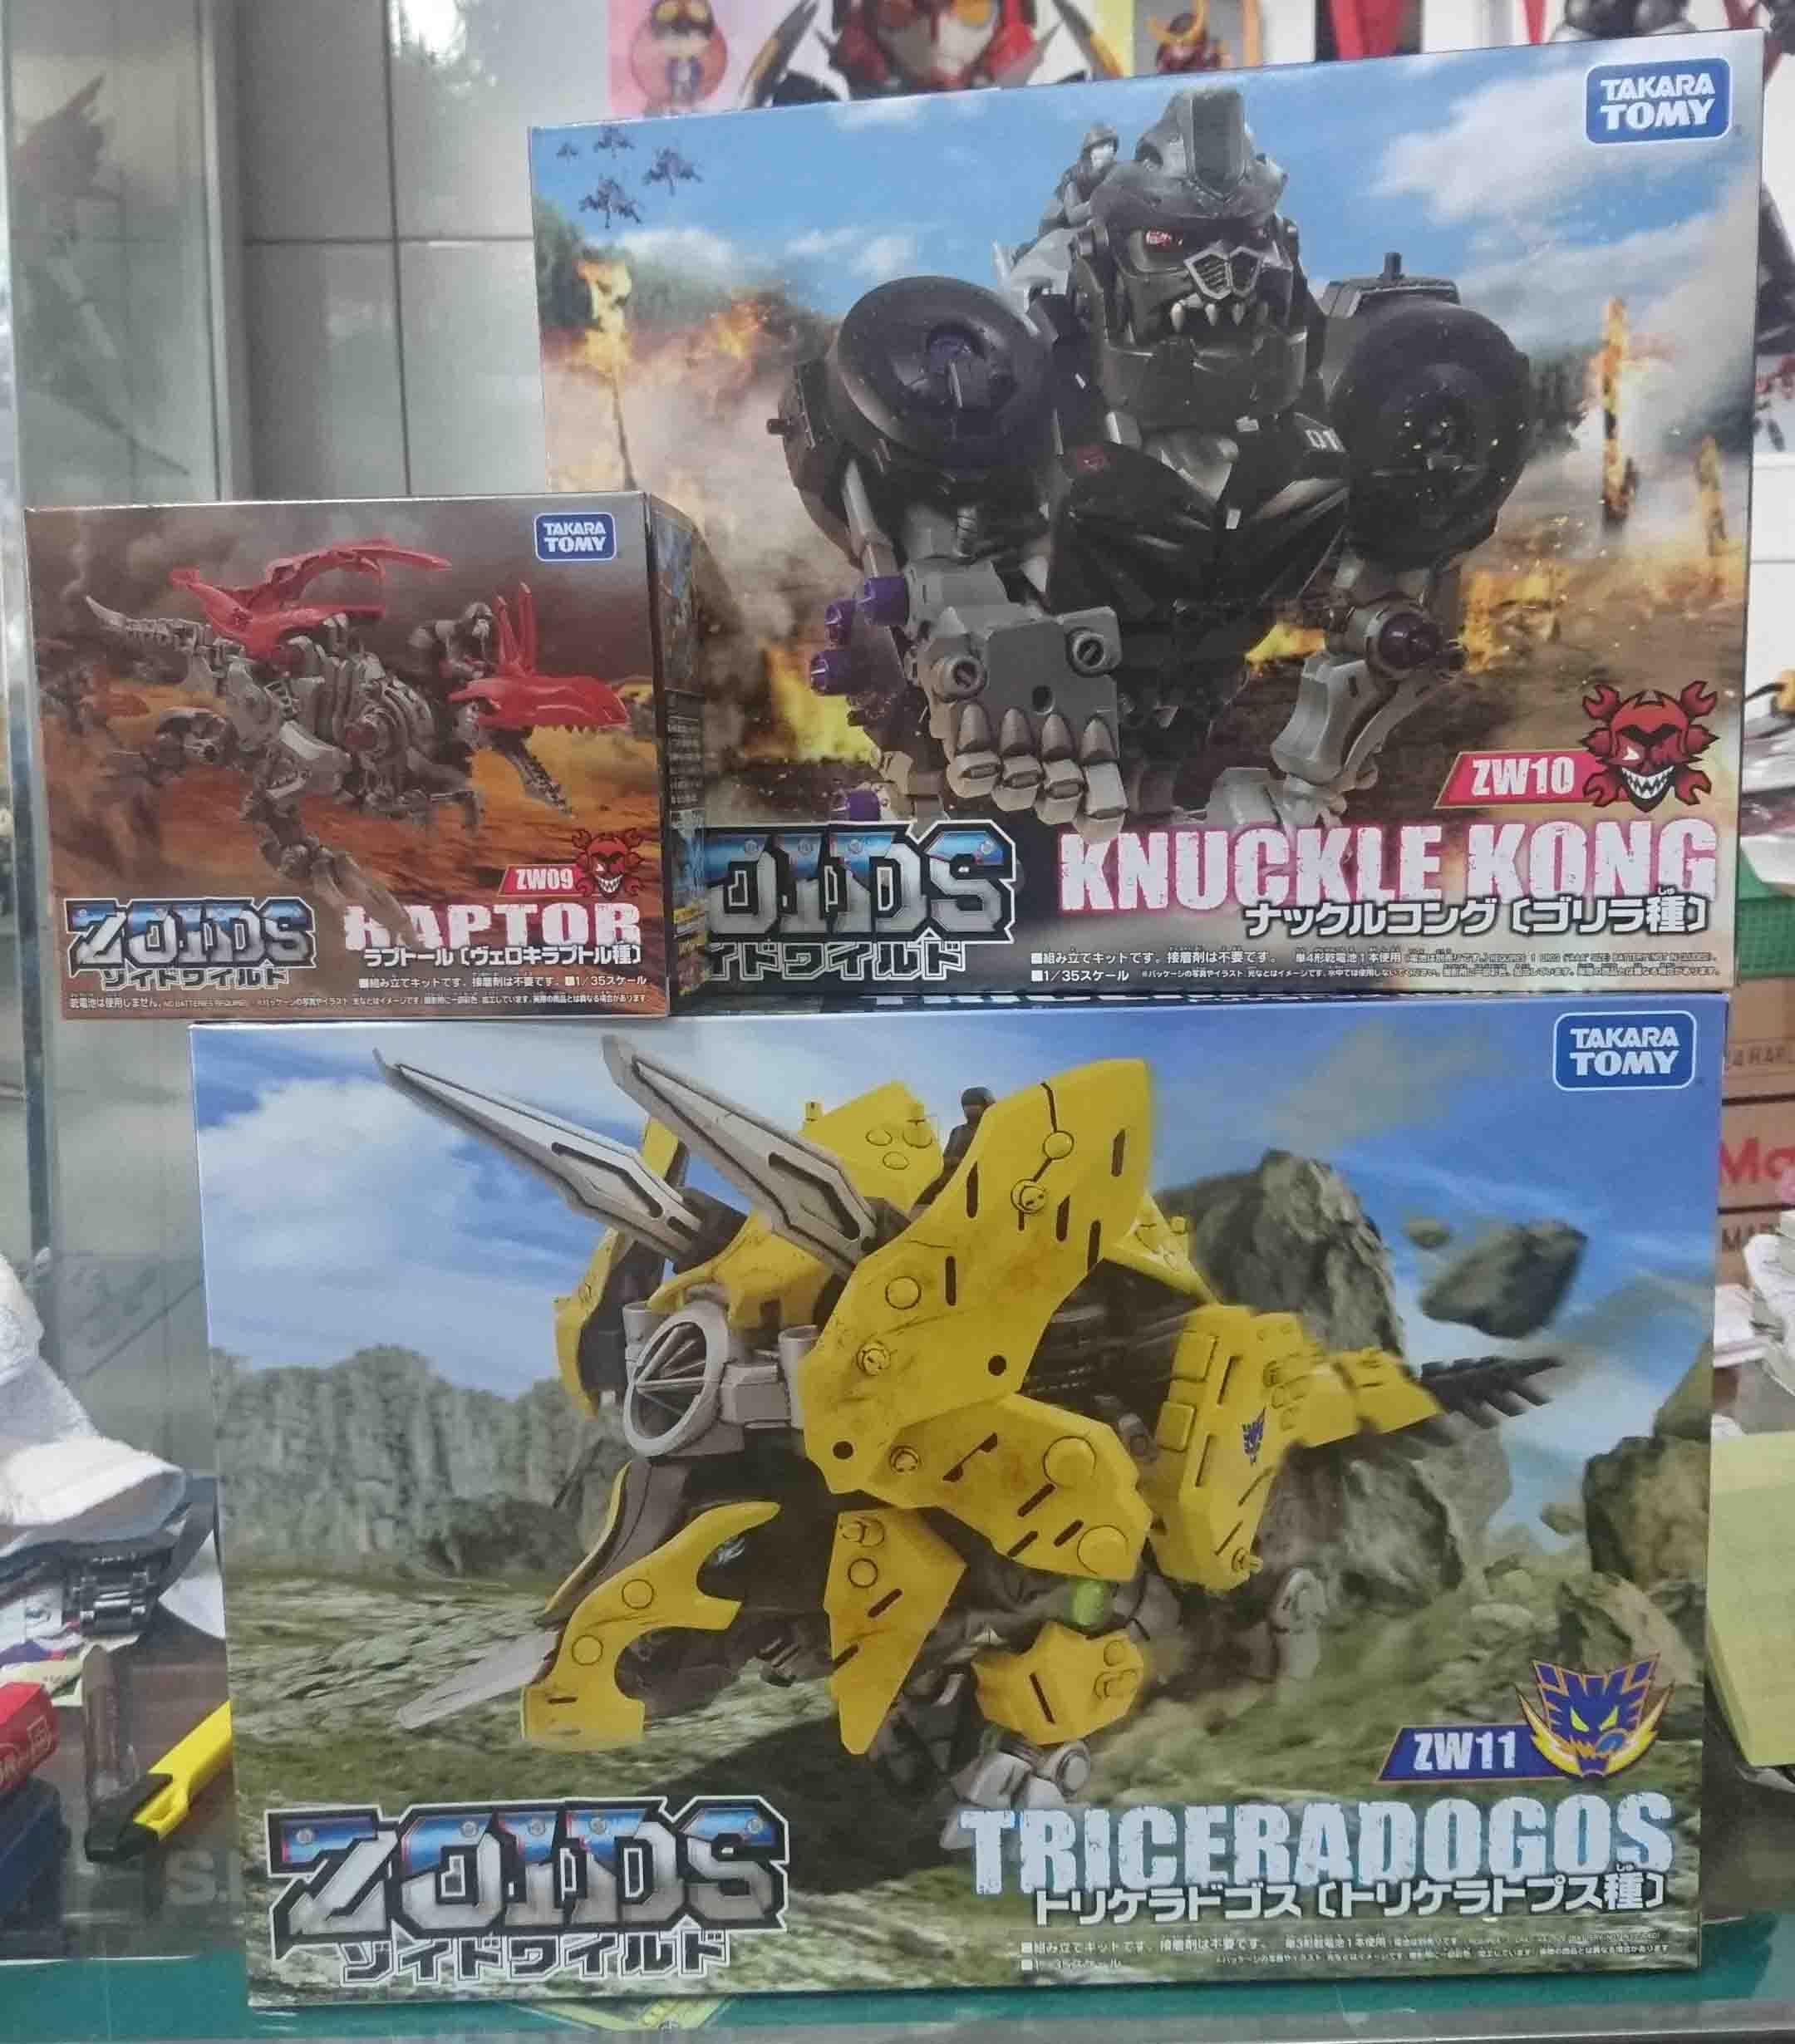 機獸新世紀ZOIDS ZW09、機獸新世紀ZOIDS ZW10、機獸新世紀ZOIDS ZW11,益祥模型玩具外盒實拍照片。